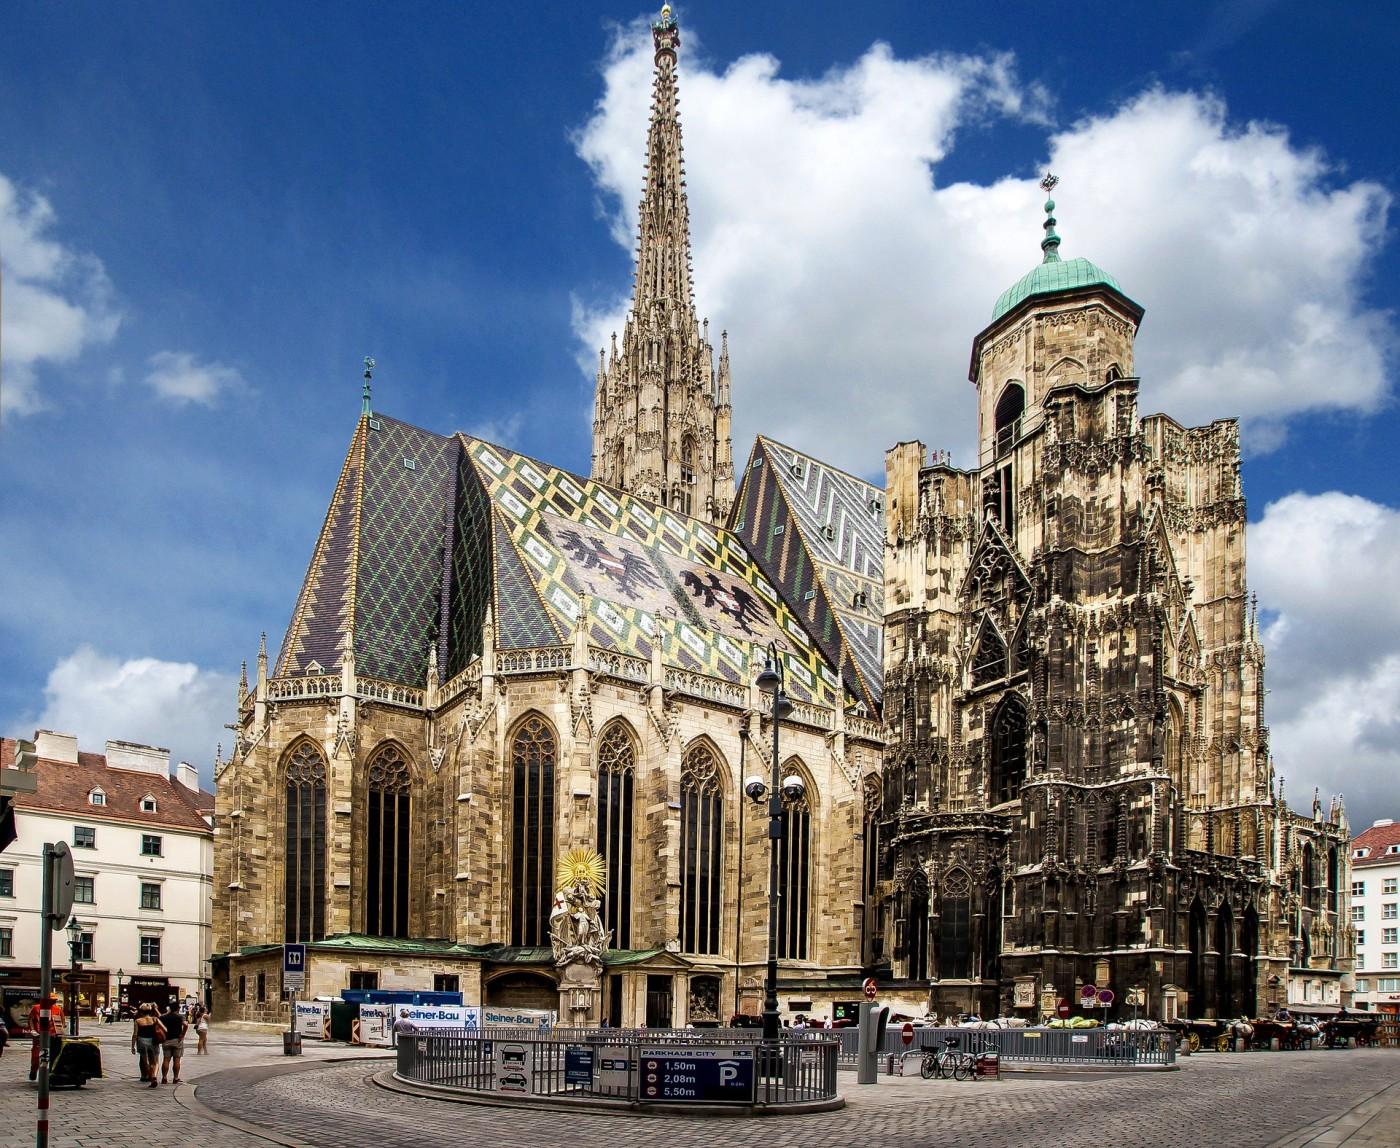 Tìm hiểu về lịch sử nhà thờ St Stephen's Vienna